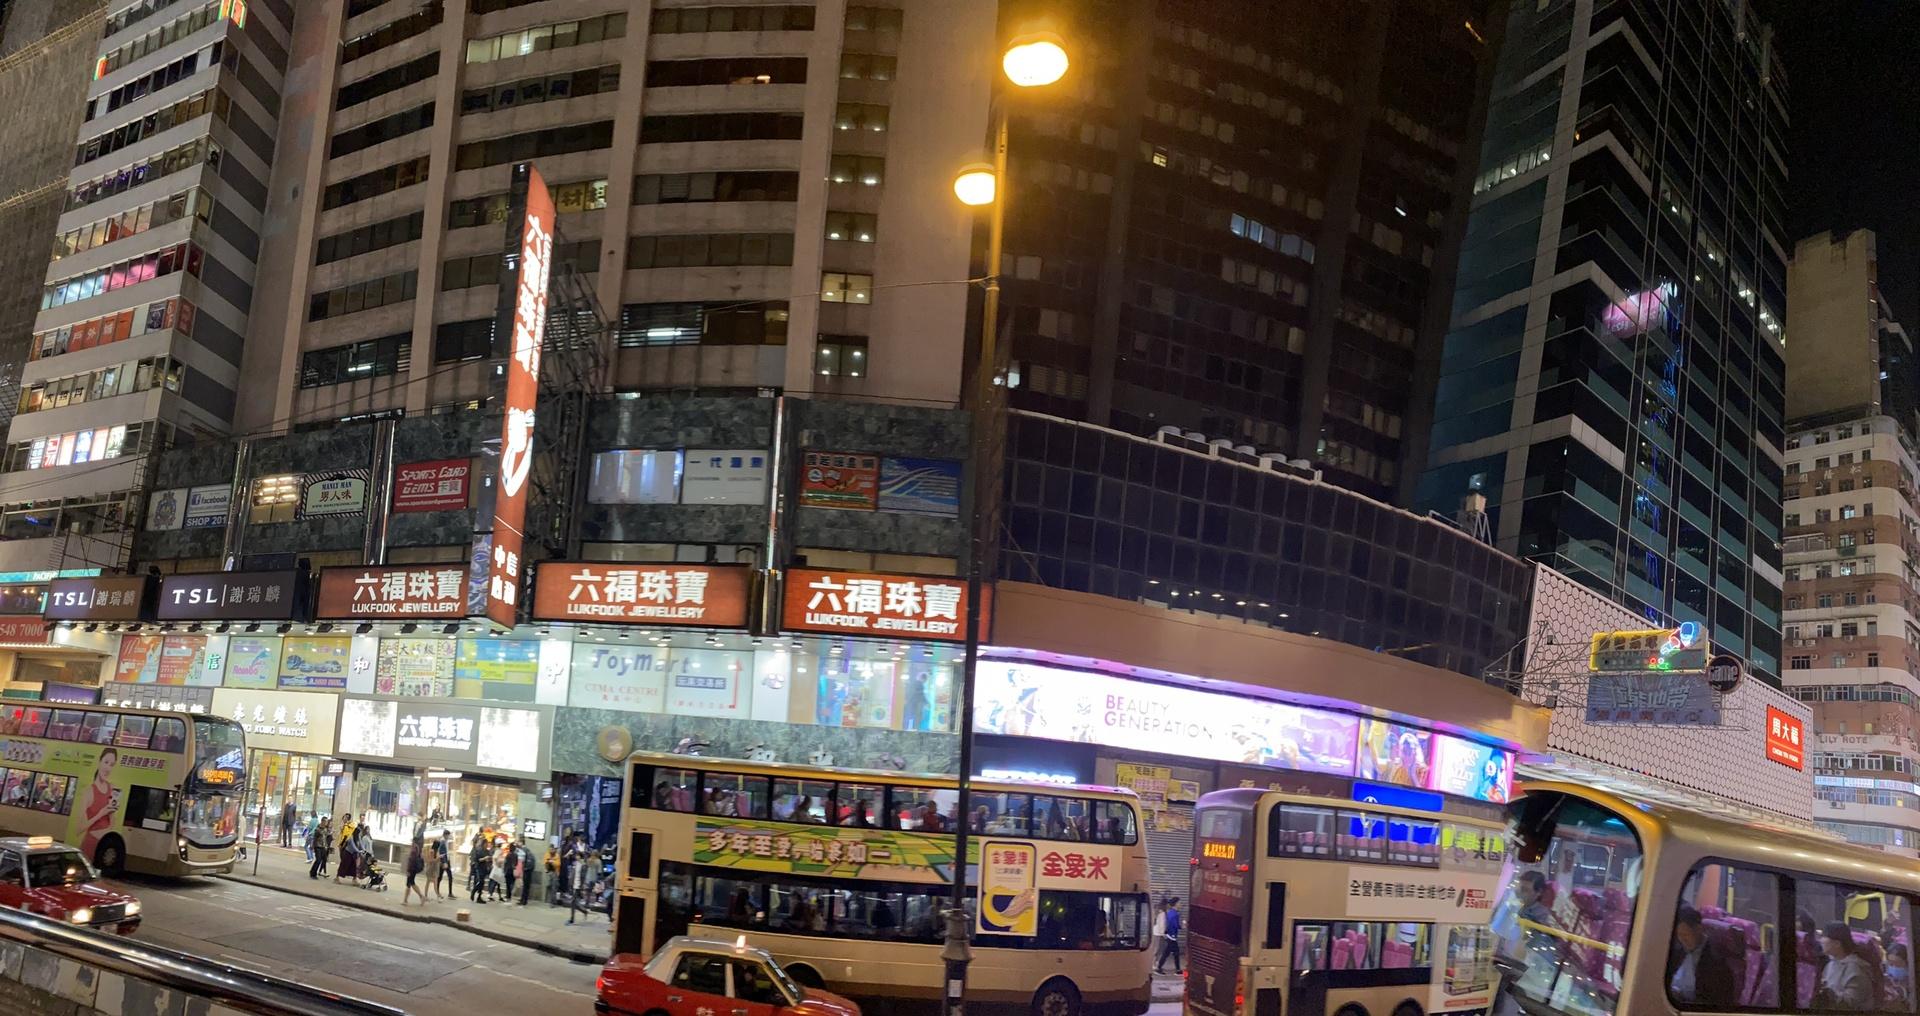 香港の夜景を観て、ガイドさんの説明付きで、バスを走りながら最高の気分のドライブを楽しみました。帰りも私たち一組でしたが、イヤな顔もせずホテルまで送って頂き、本当にありがとうございました。楽しい思い出ができました。